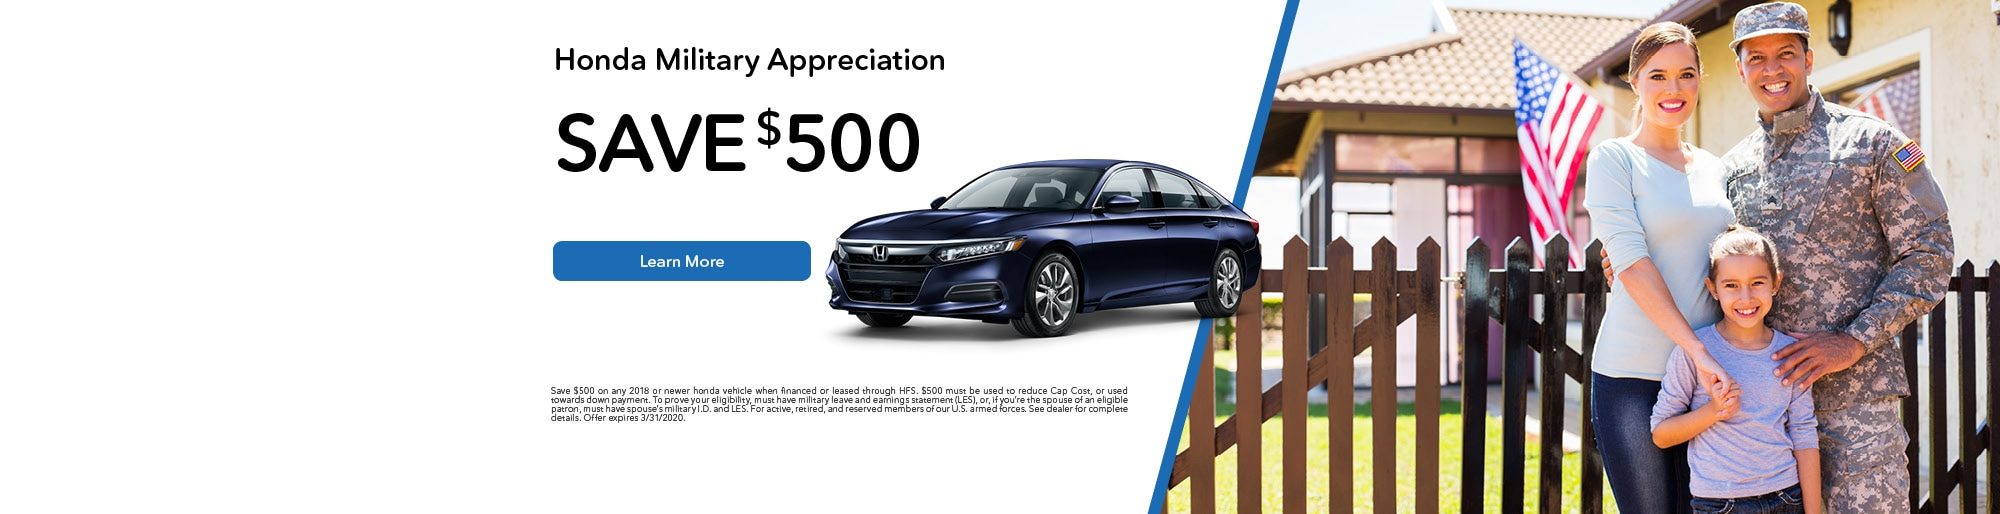 Used Car Dealerships Knoxville Tn >> Honda Dealer in Knoxville, TN   Used Cars Alcoa, TN   Airport Honda